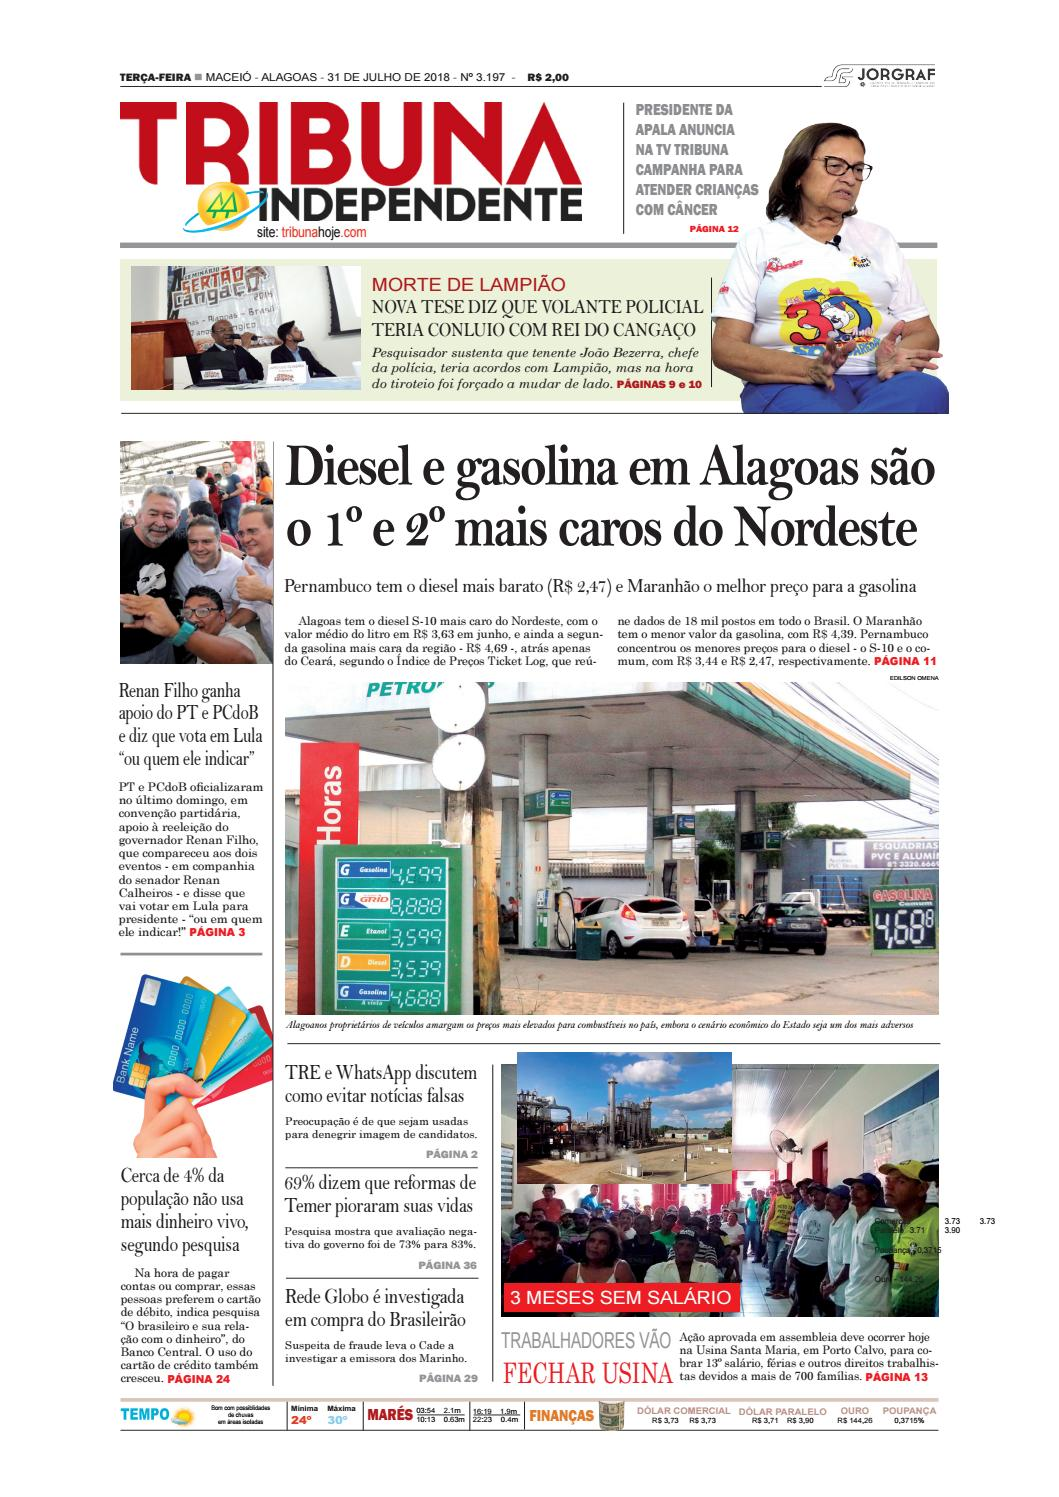 Edição número 3197 - 31 de julho de 2018 by Tribuna Hoje - issuu dc35c4ed04